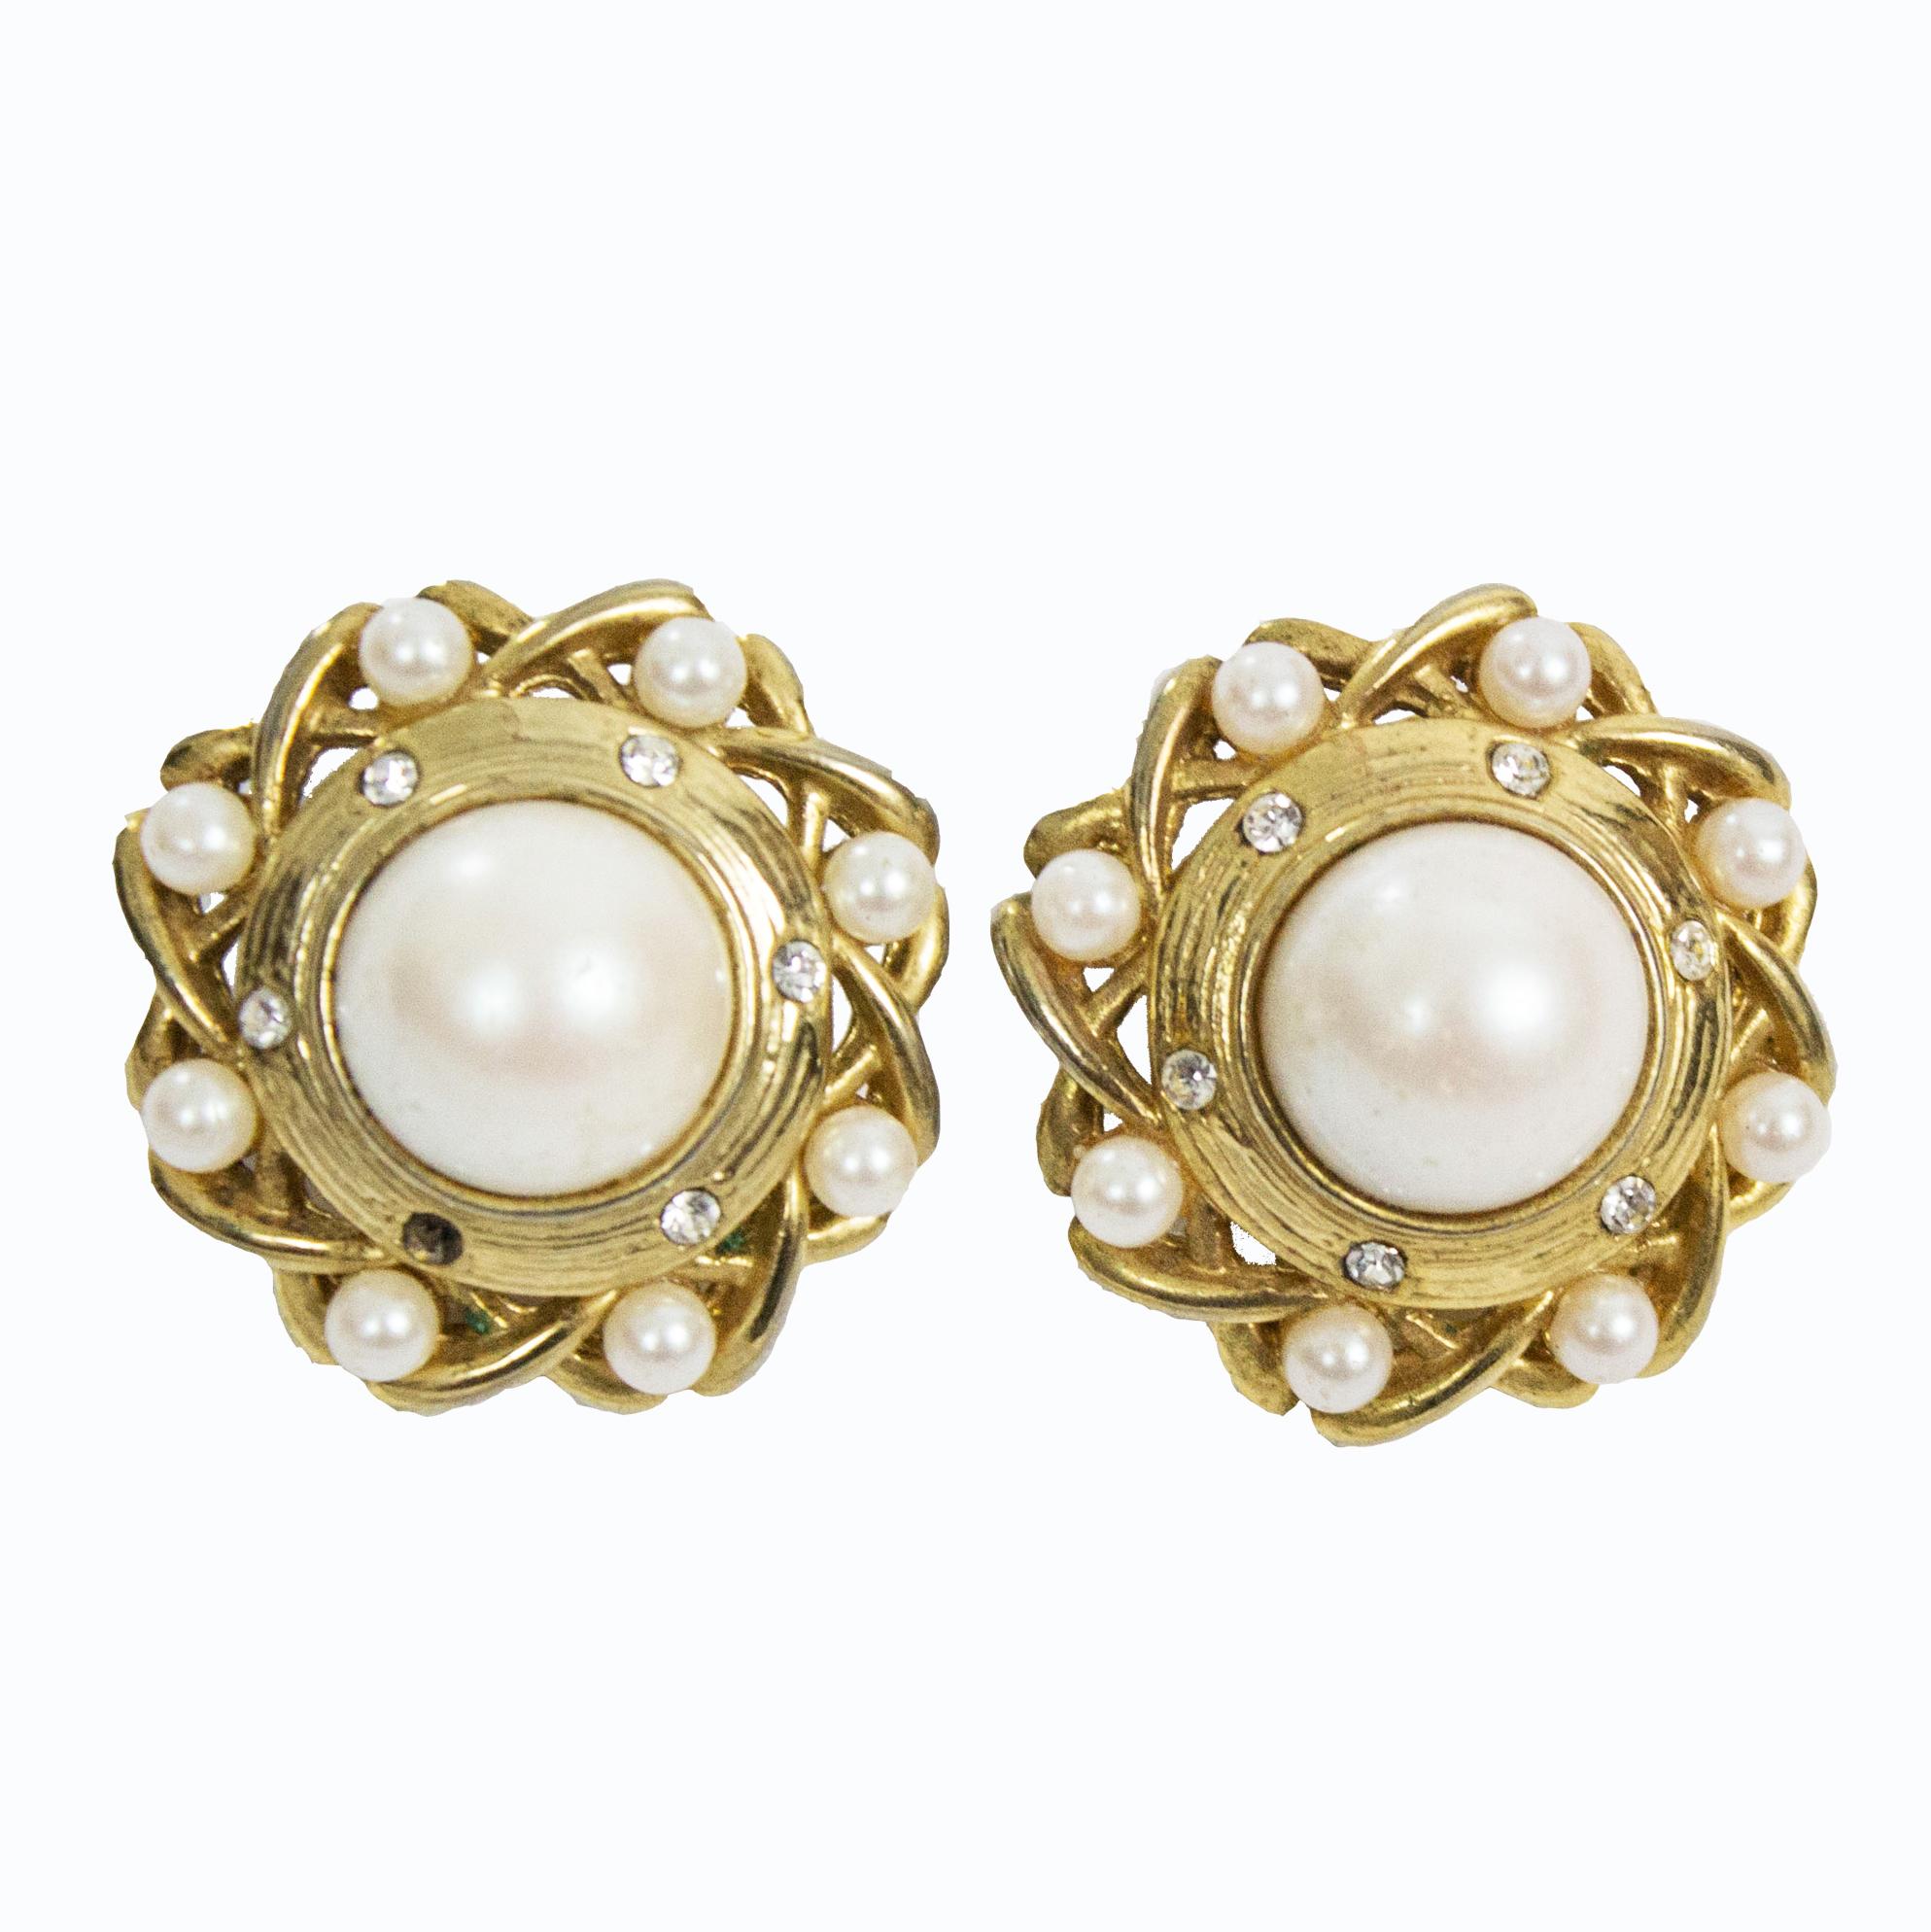 Earrings Chanel Style